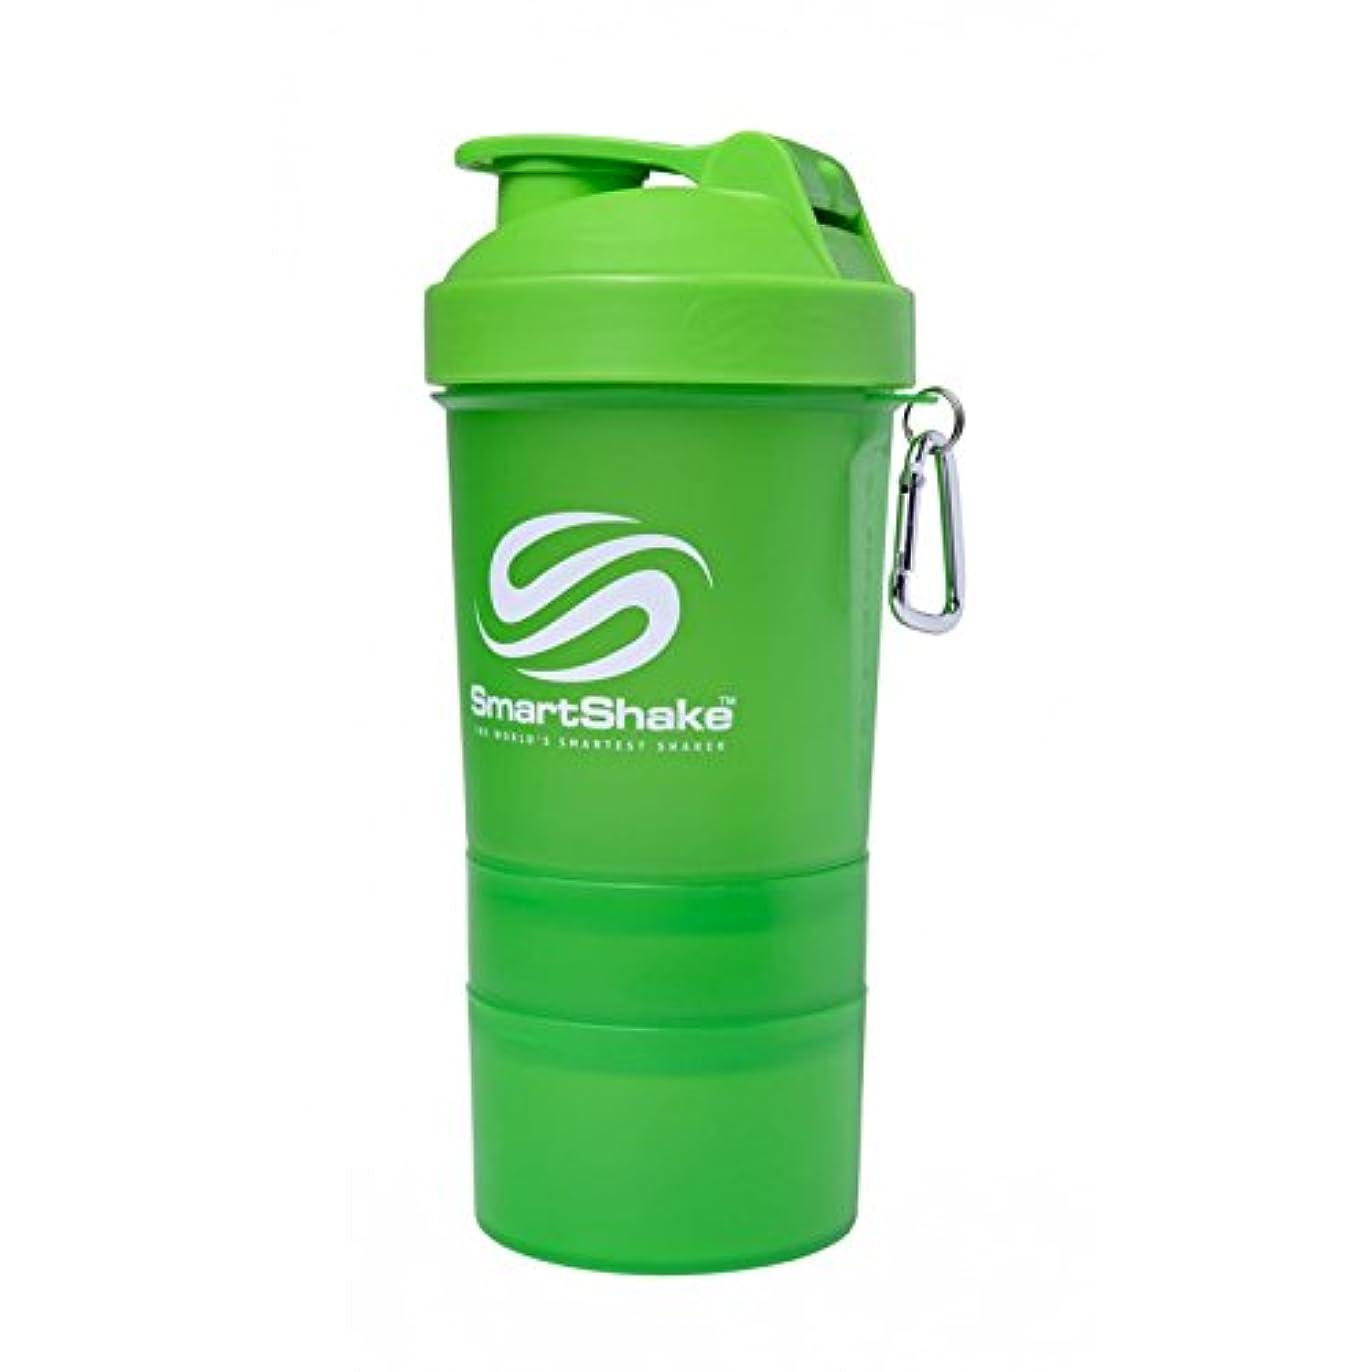 退化する指導する破壊SmartShake 600ml/ 20oz Neon Green